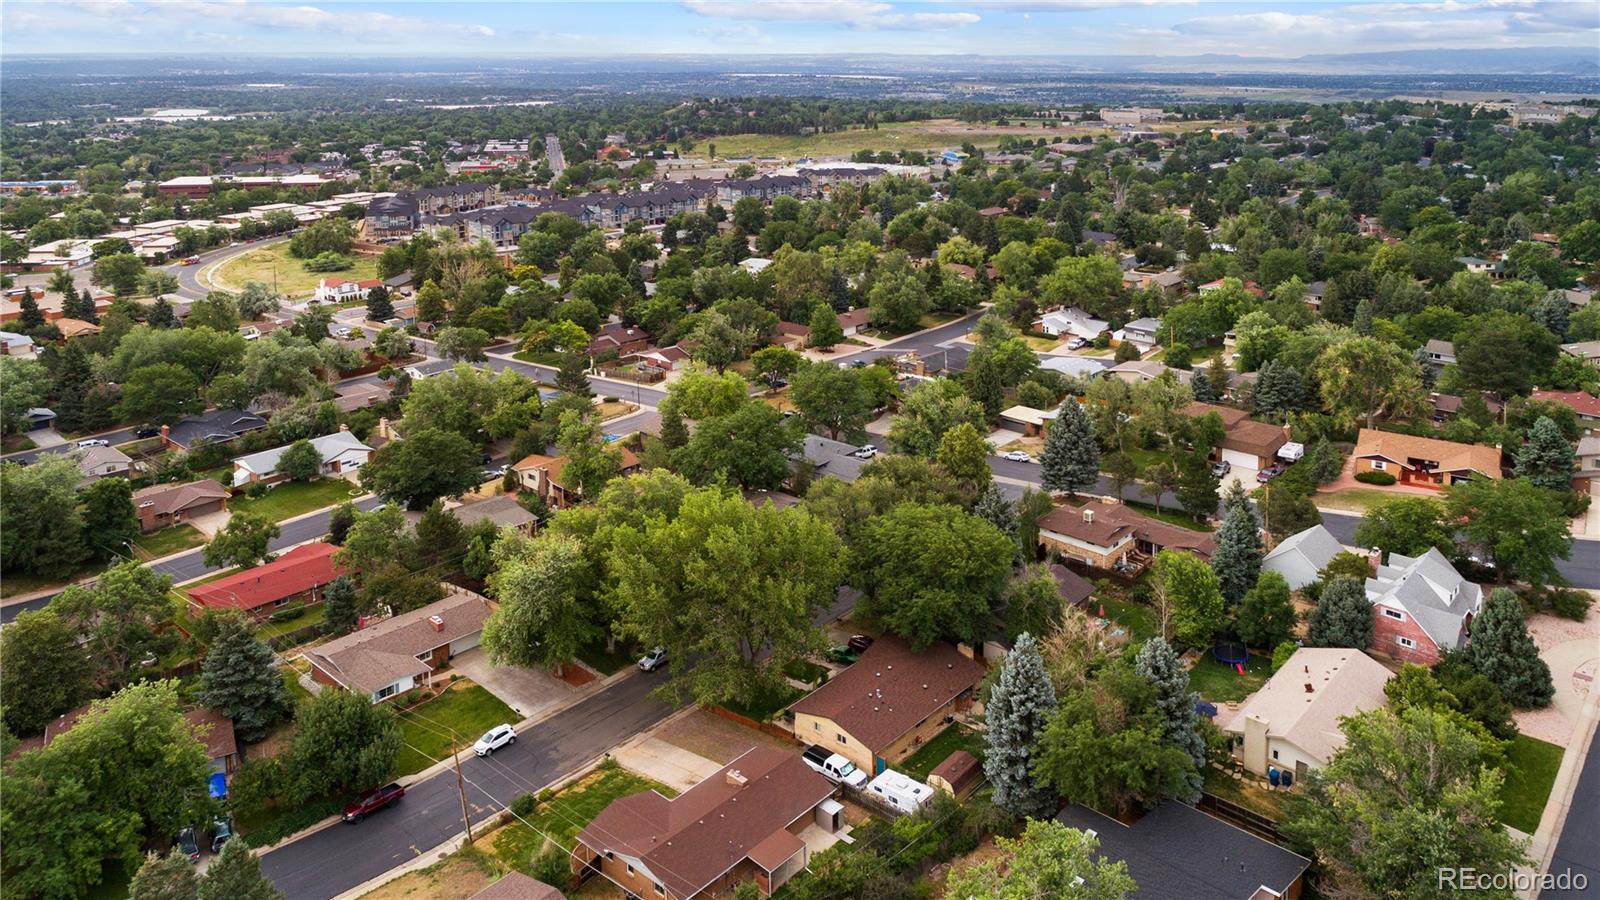 MLS# 8982790 - 29 - 735 S Braun Street, Lakewood, CO 80228